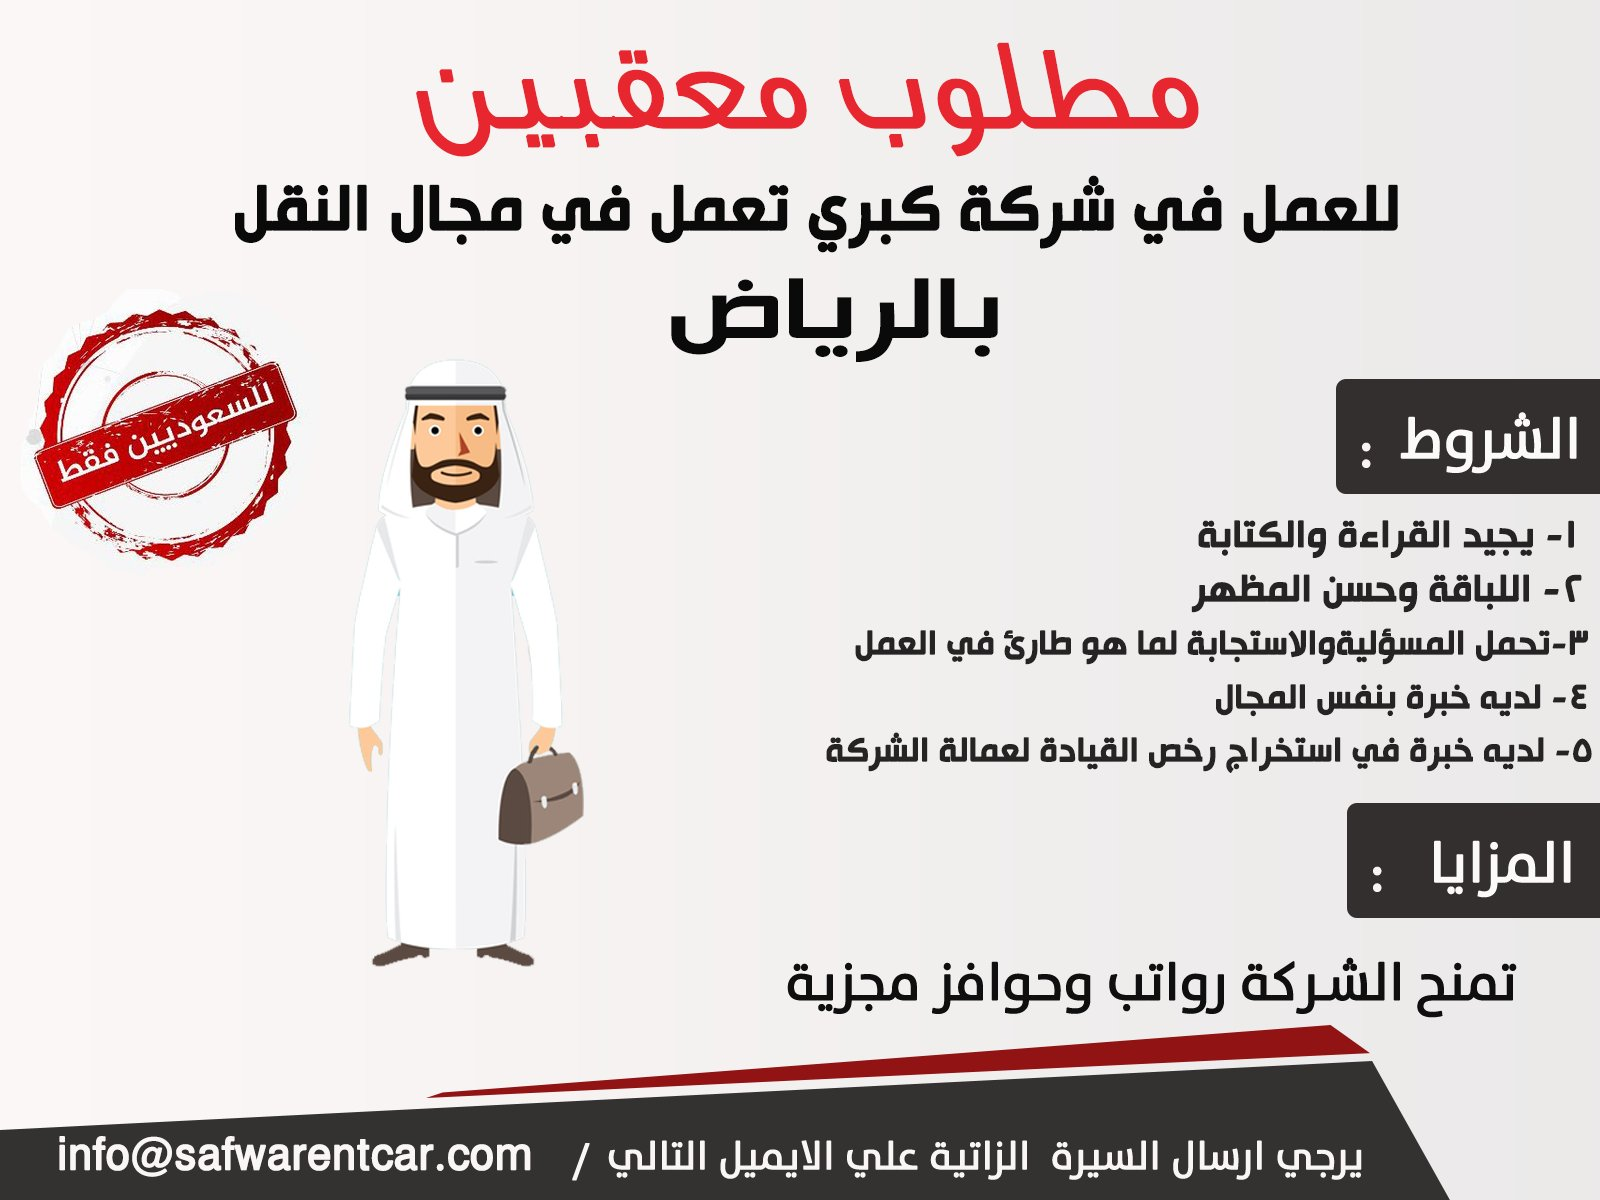 تعلن شركة #صفوة_لتأجير_السيارات مطلوب معقبين مسؤولين علاقات حكومية ب #الرياض يرجي ارسال السيرة الذاتية علي الايميل الموجود بالاعلان #وظائف_الرياض #الرياض_الان